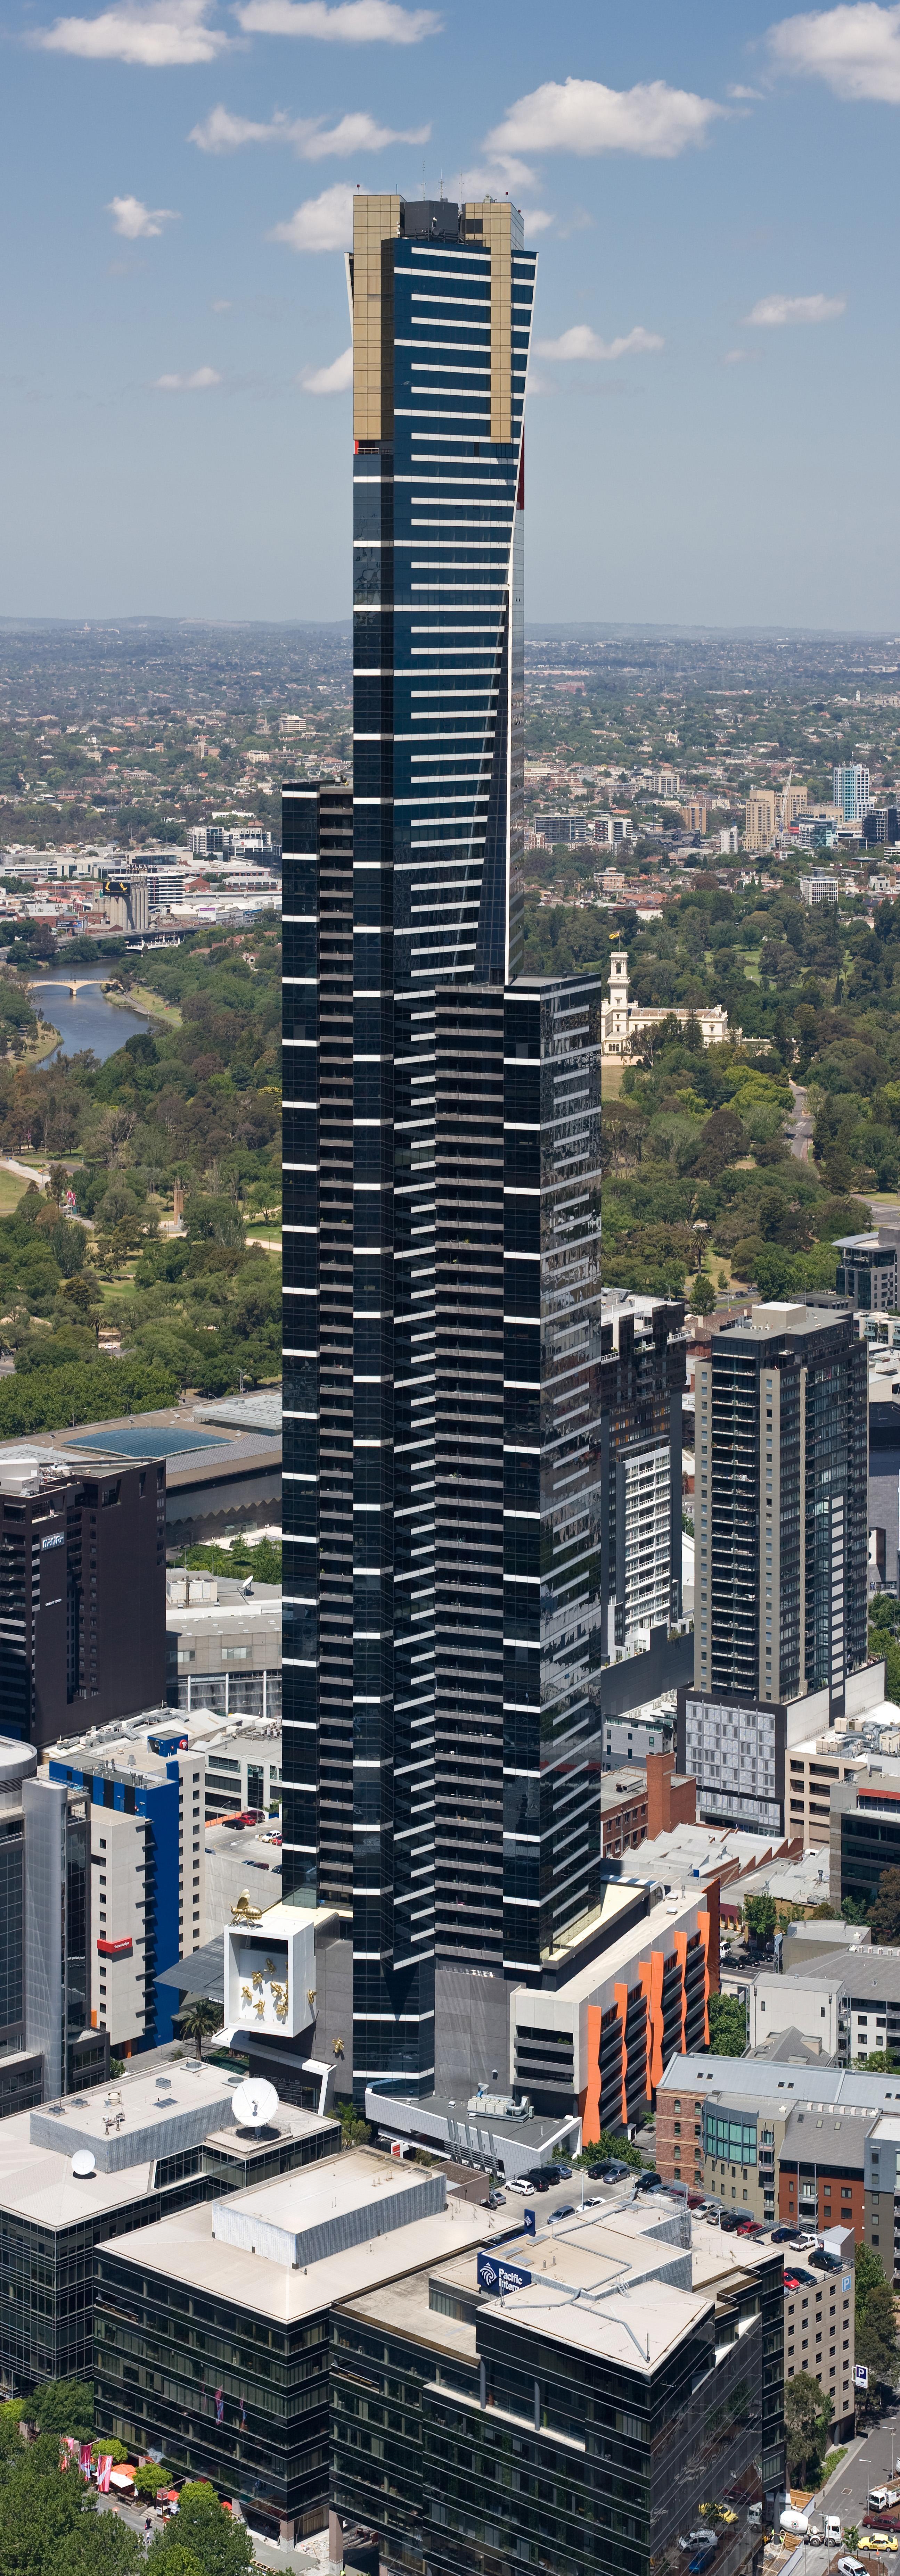 File:Eureka Tower, Melbourne - Nov 2008.jpg - Wikimedia ...